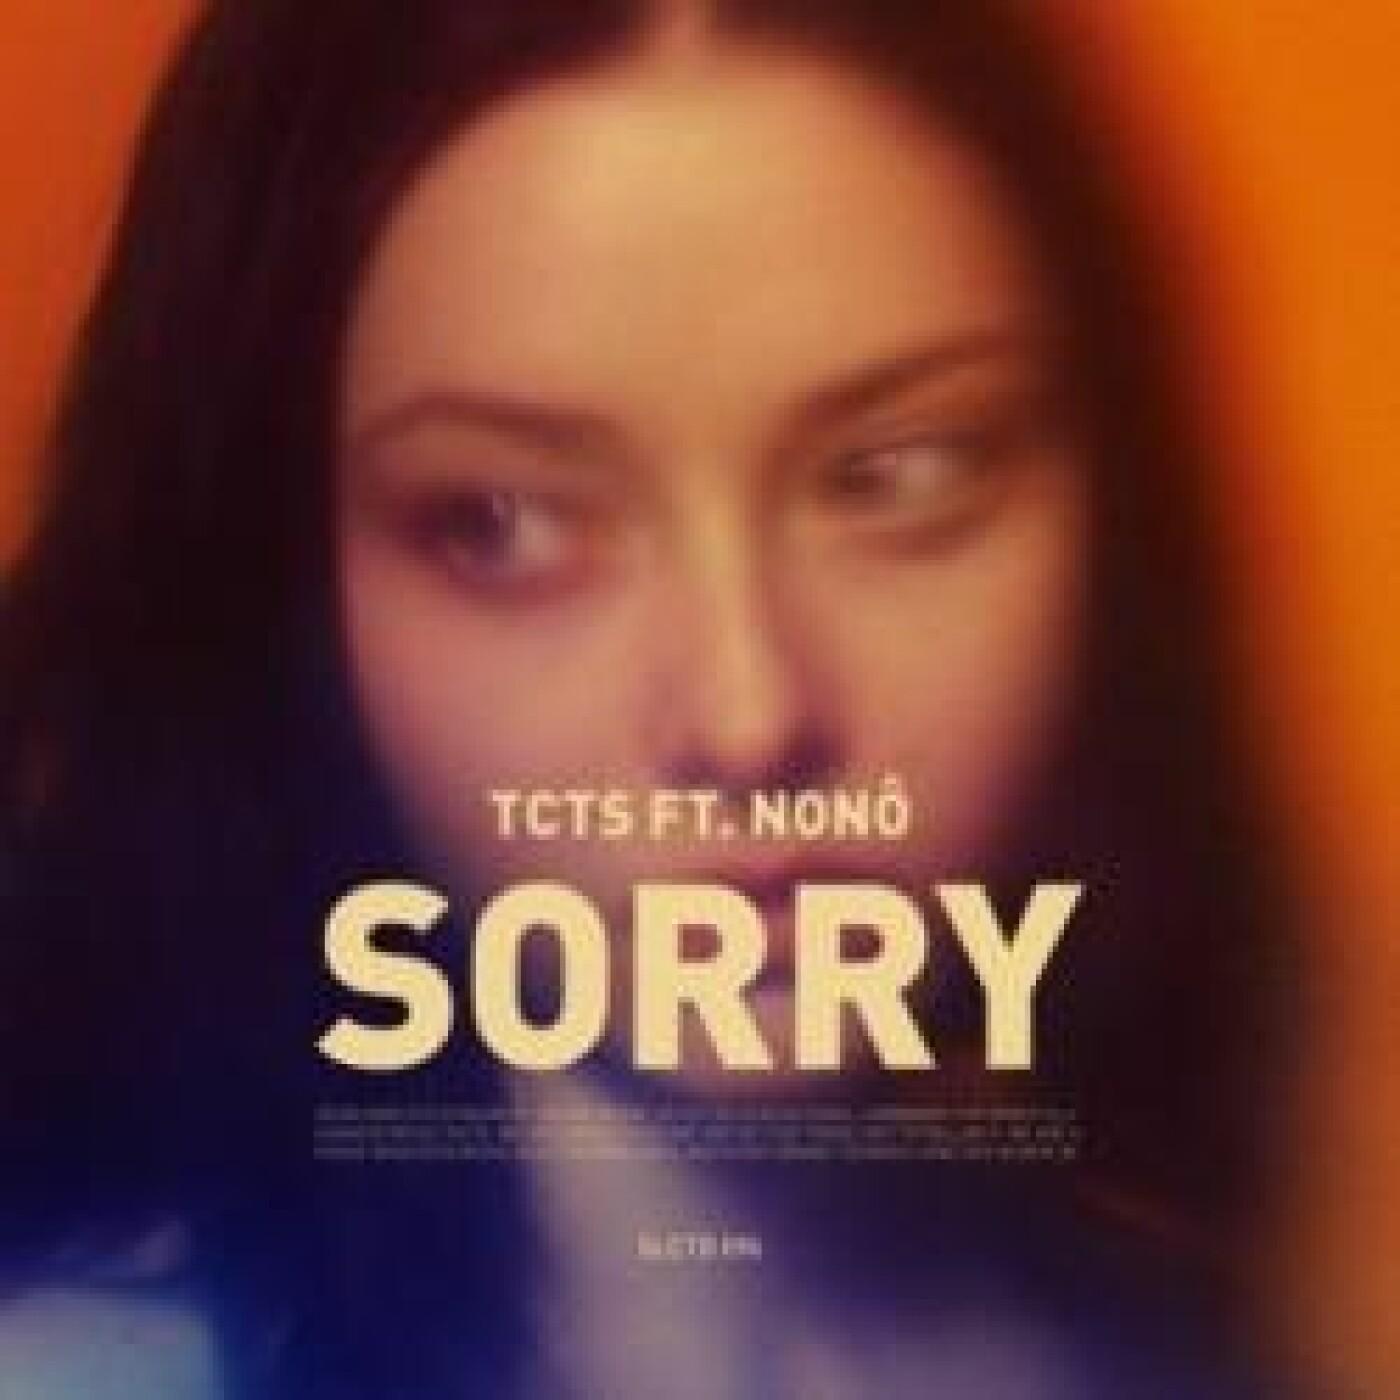 Music News de La Matinale FG : Sorry de TCTS